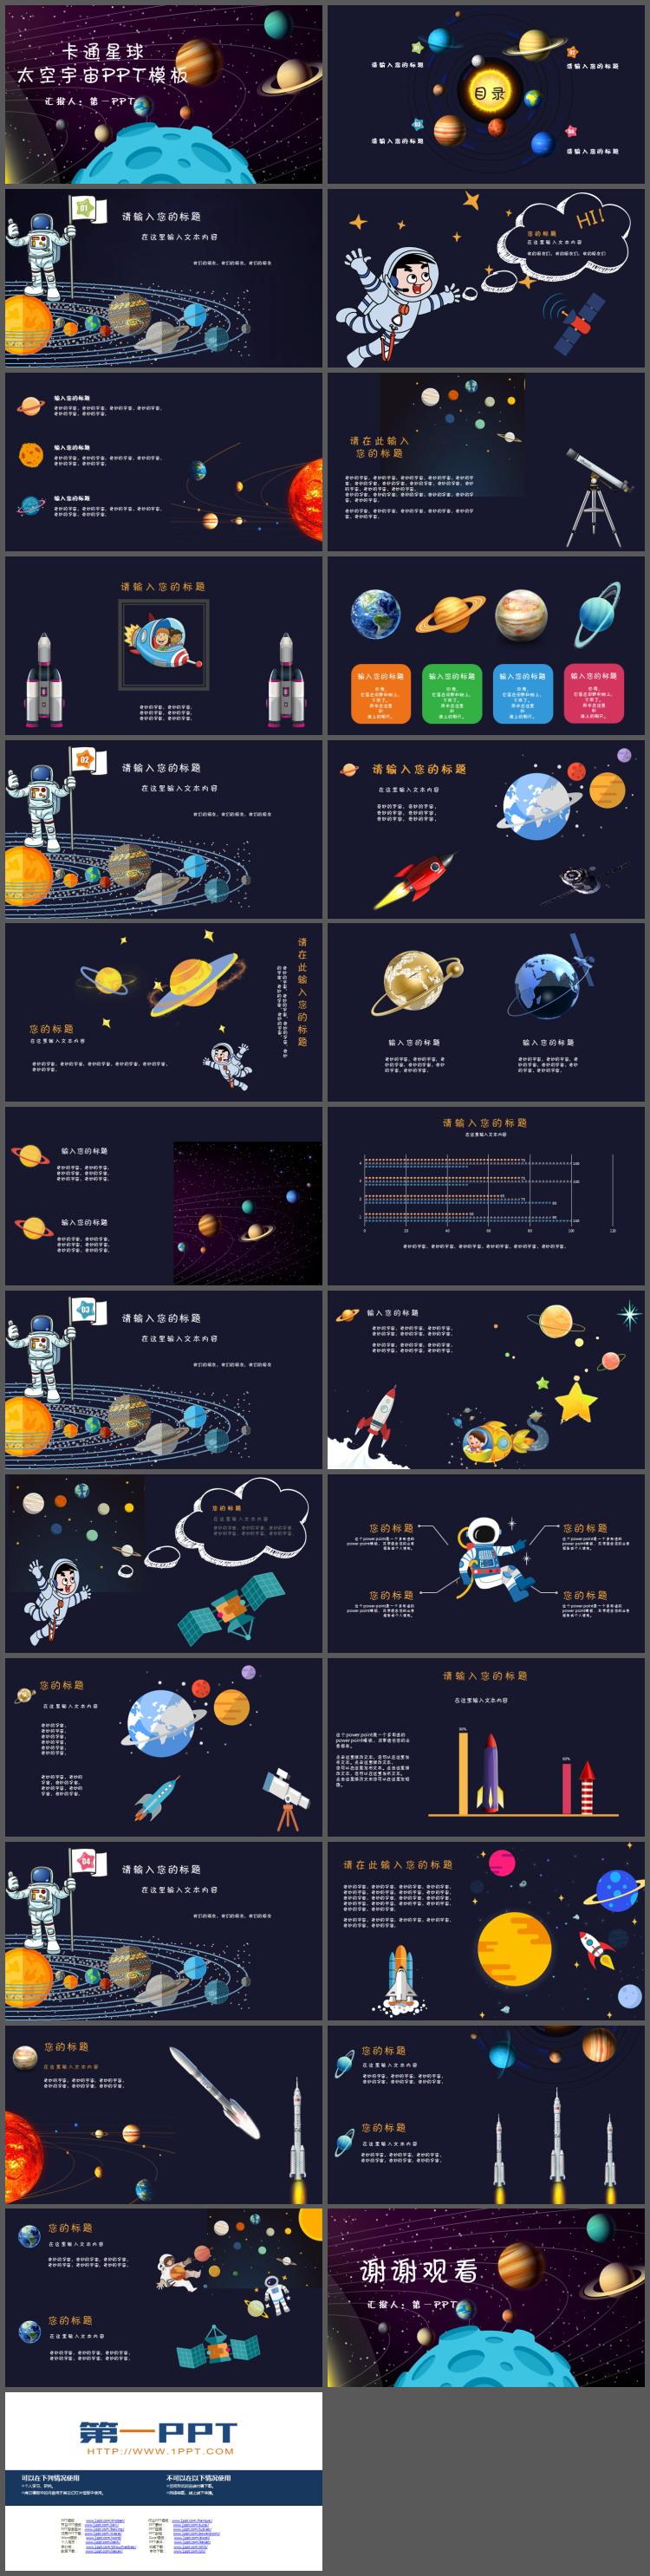 卡通宇宙星球背景的太空主题PPT模板